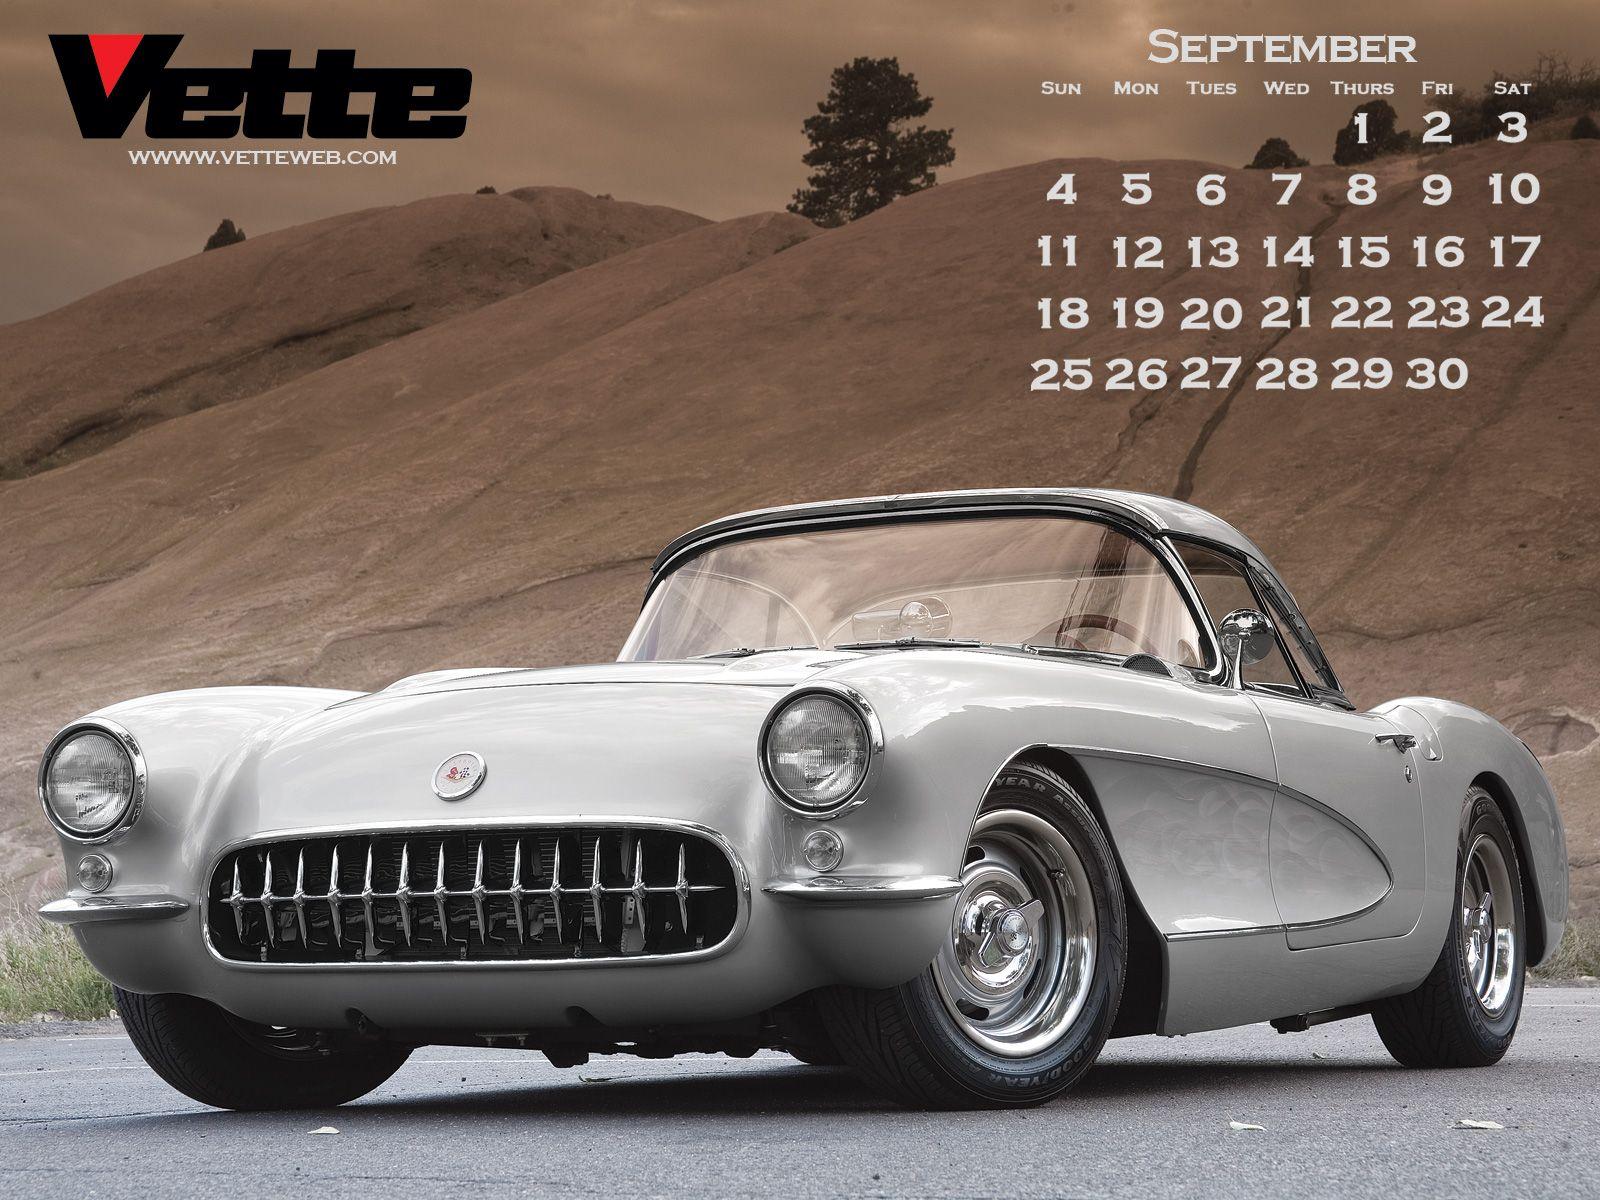 Chevy Vette Magazine   Corvette Desktop Wallpapers 1600x1200